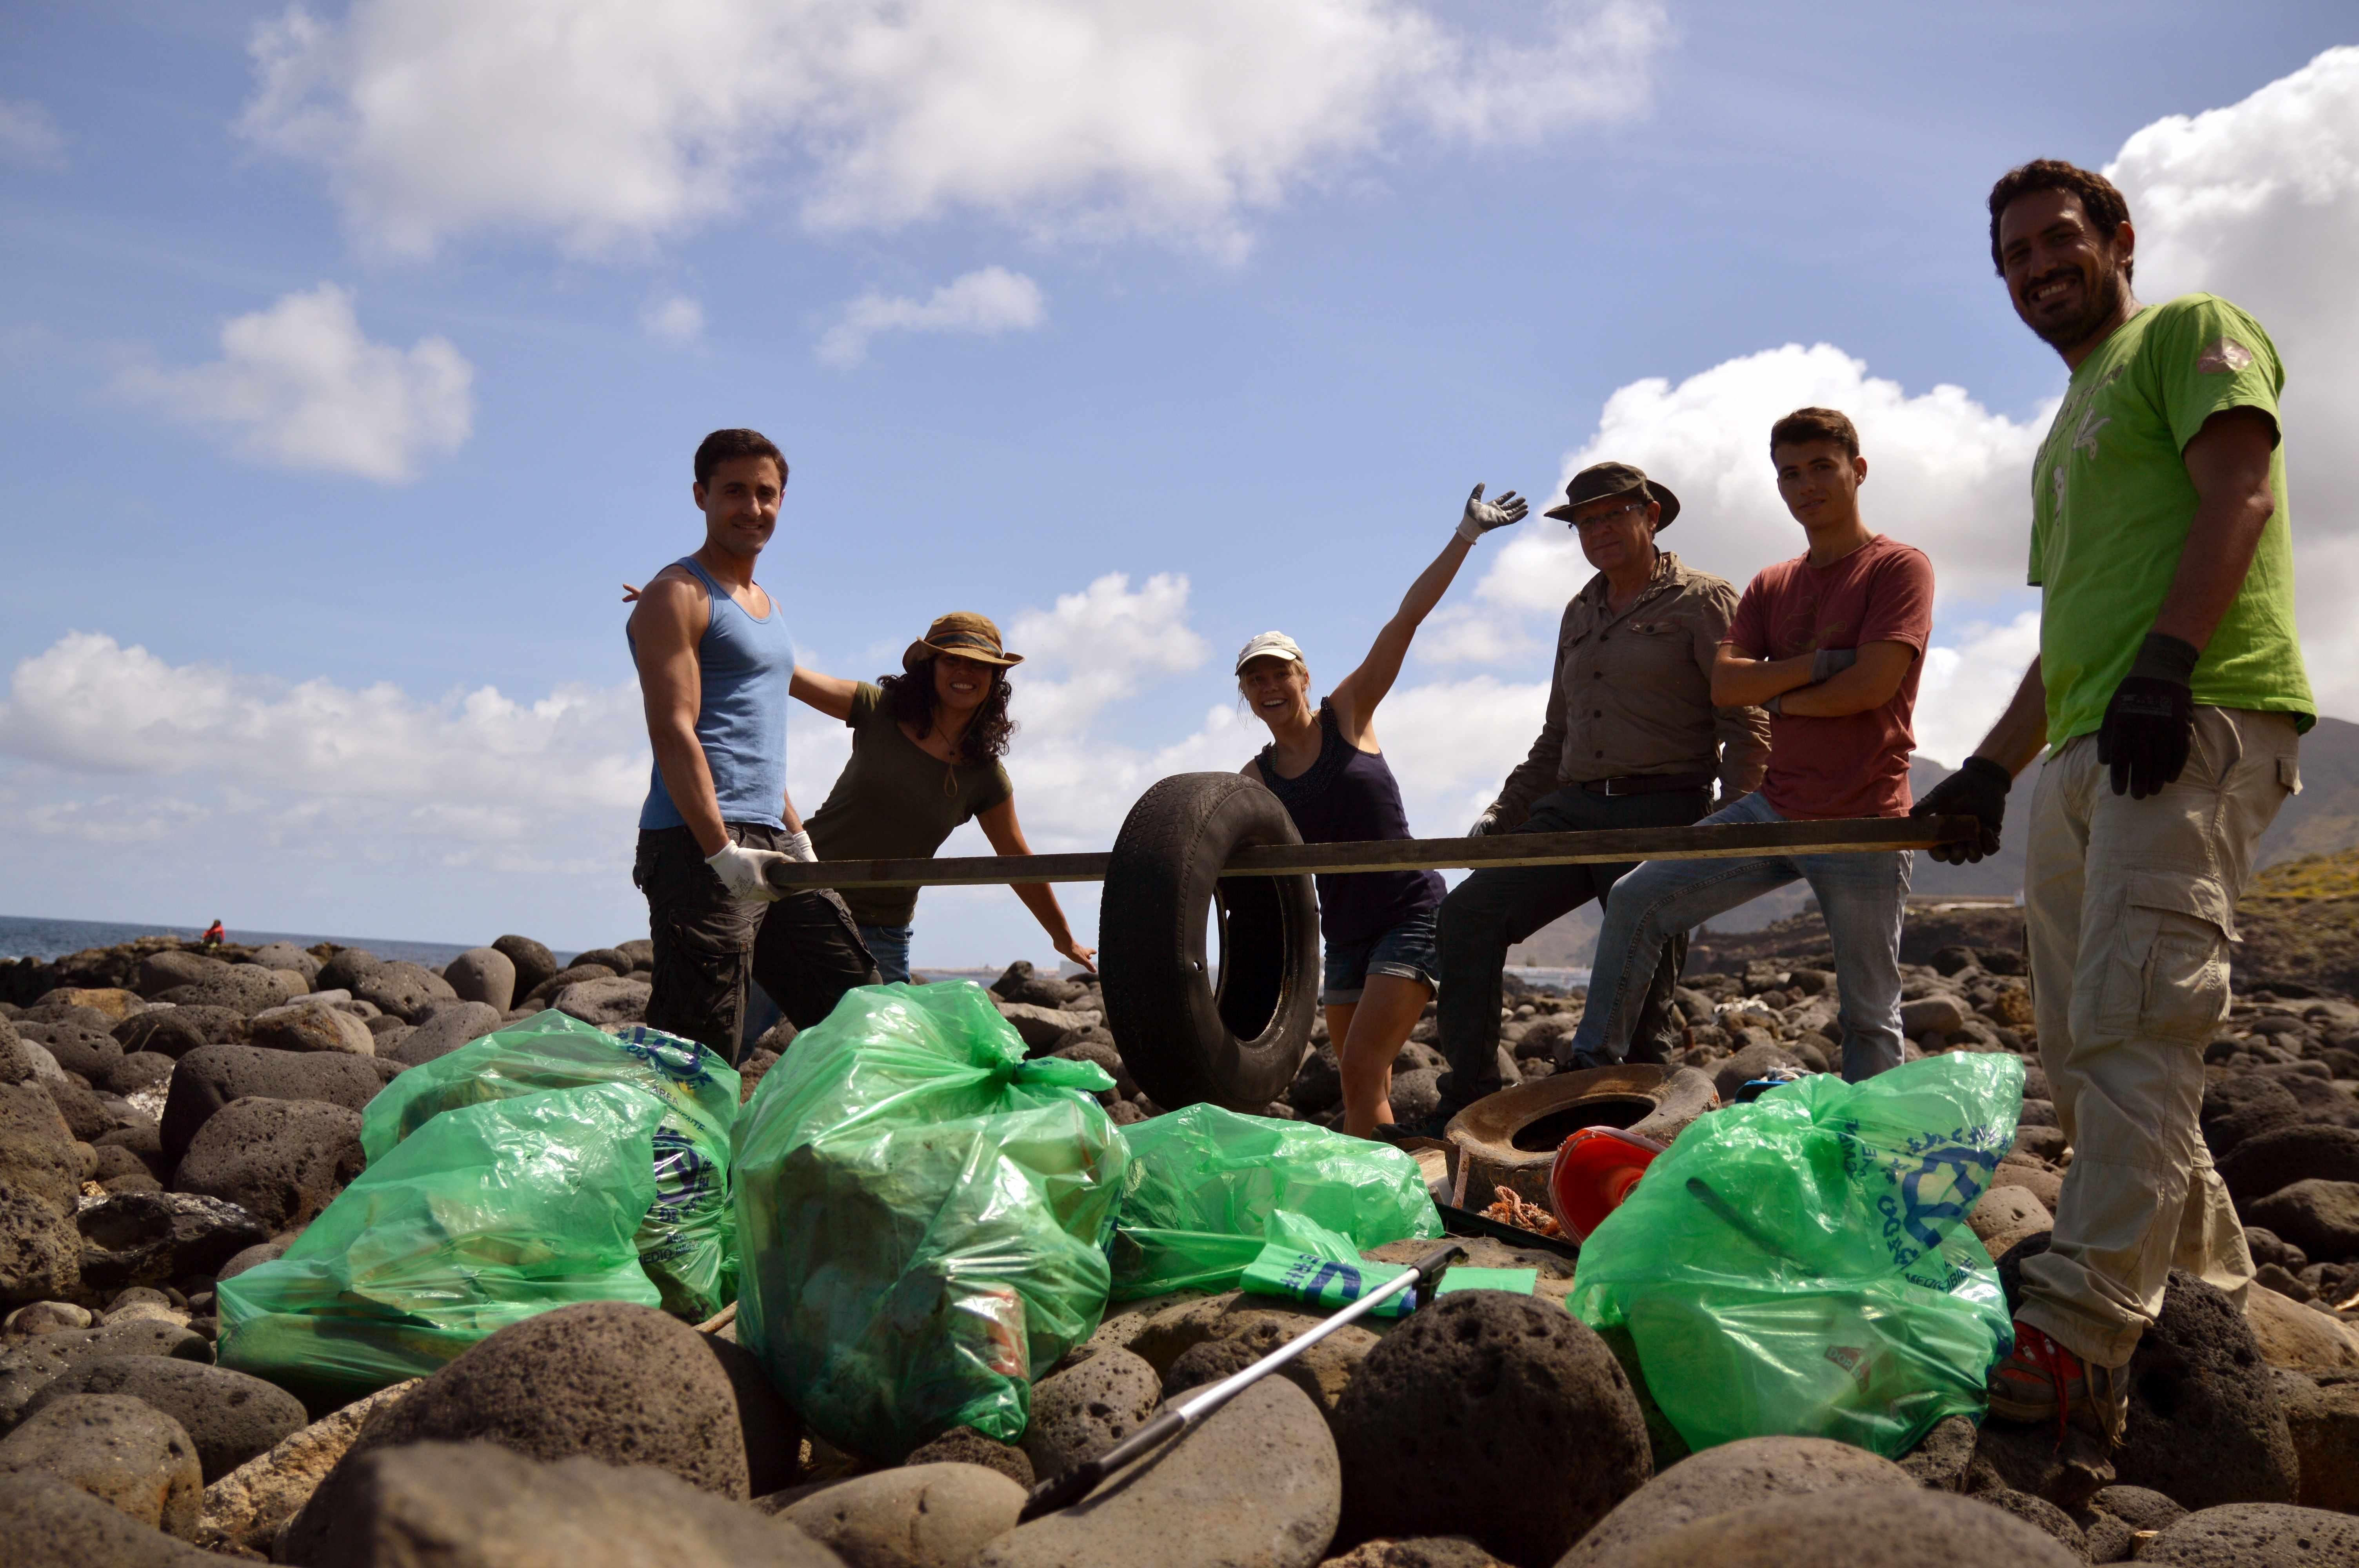 Auswanderin Tanja arbeitet als Tourguide auf Teneriffa und engagiert sich ehrenamtlich stark im Naturschutz.